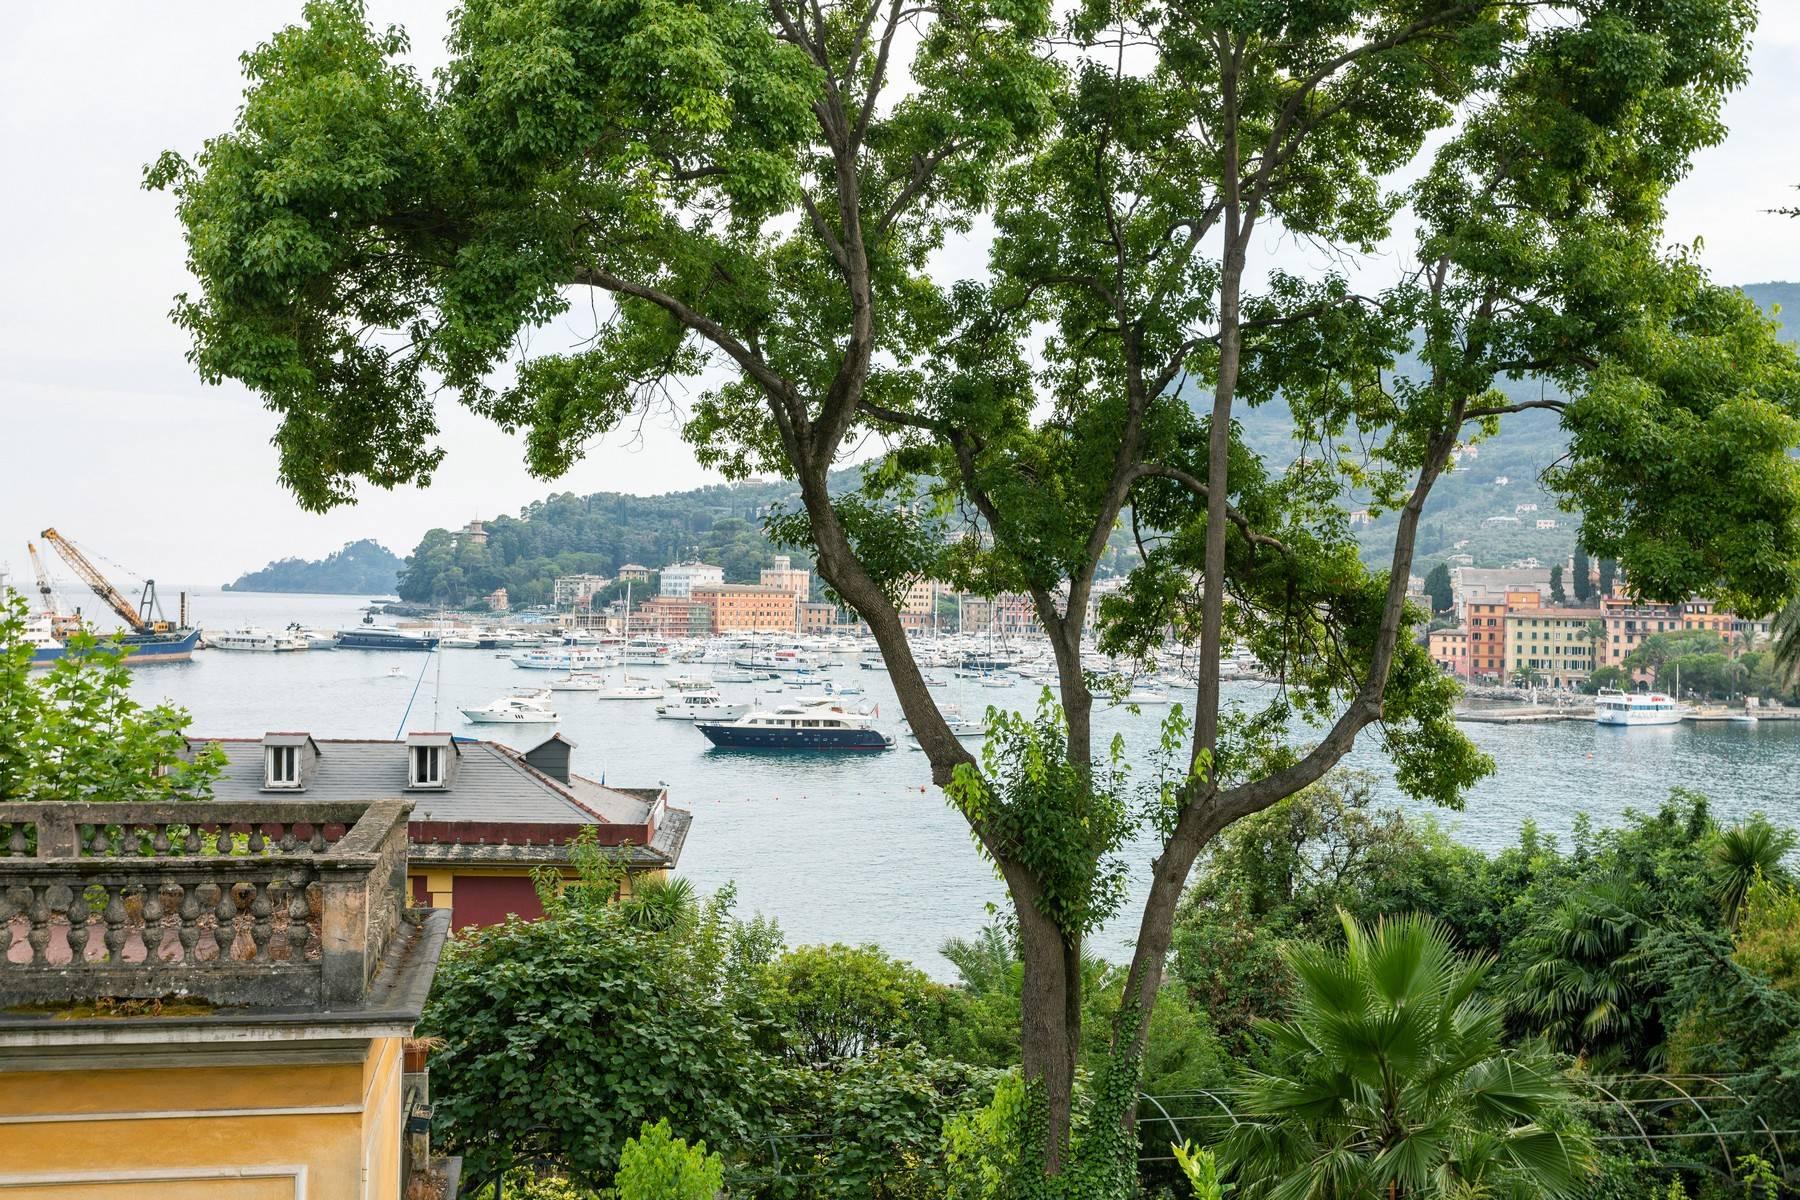 Attico in Vendita a Santa Margherita Ligure: 5 locali, 210 mq - Foto 13